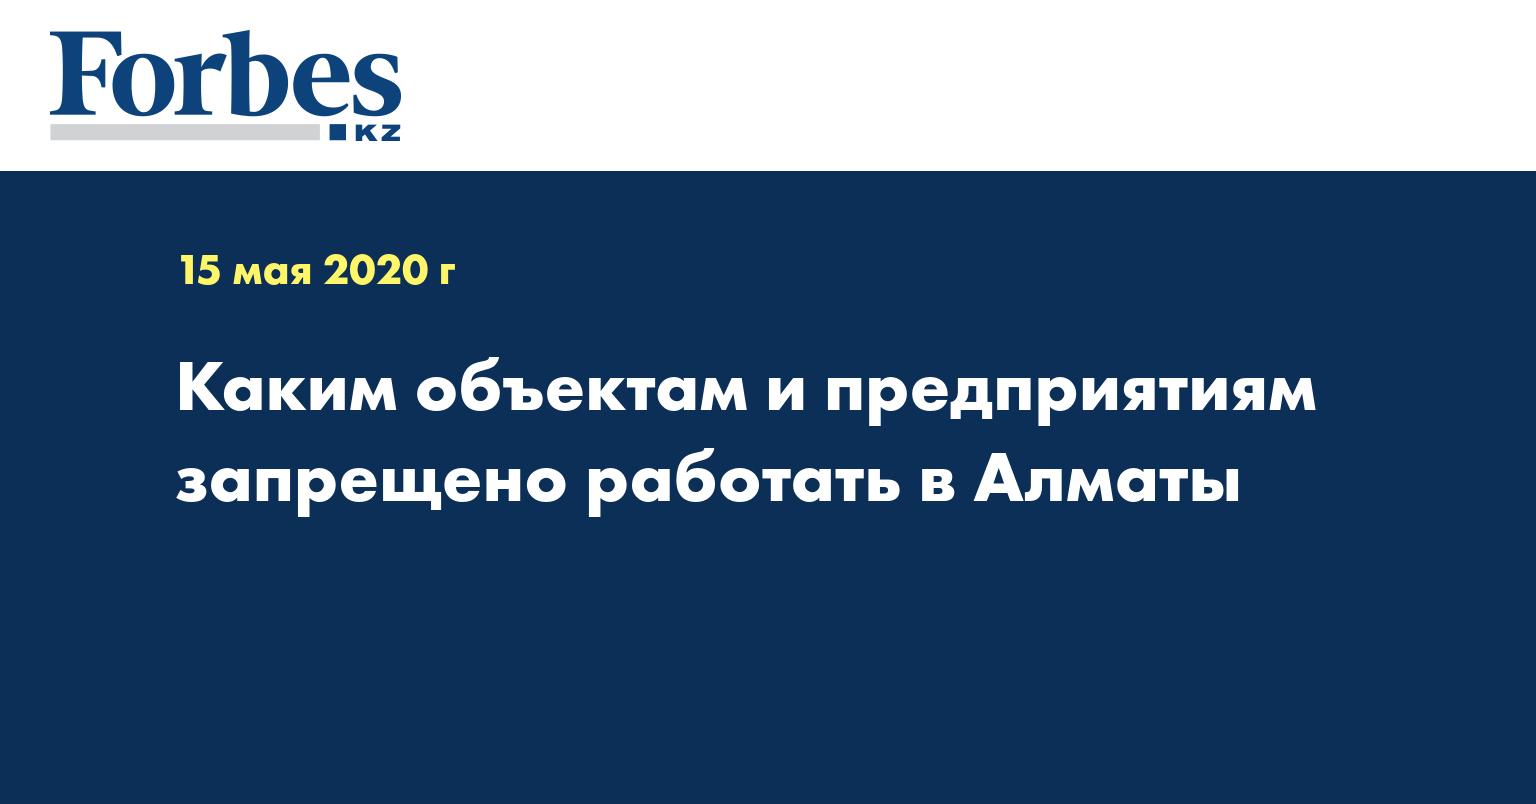 Каким объектам и предприятиям запрещено работать в Алматы